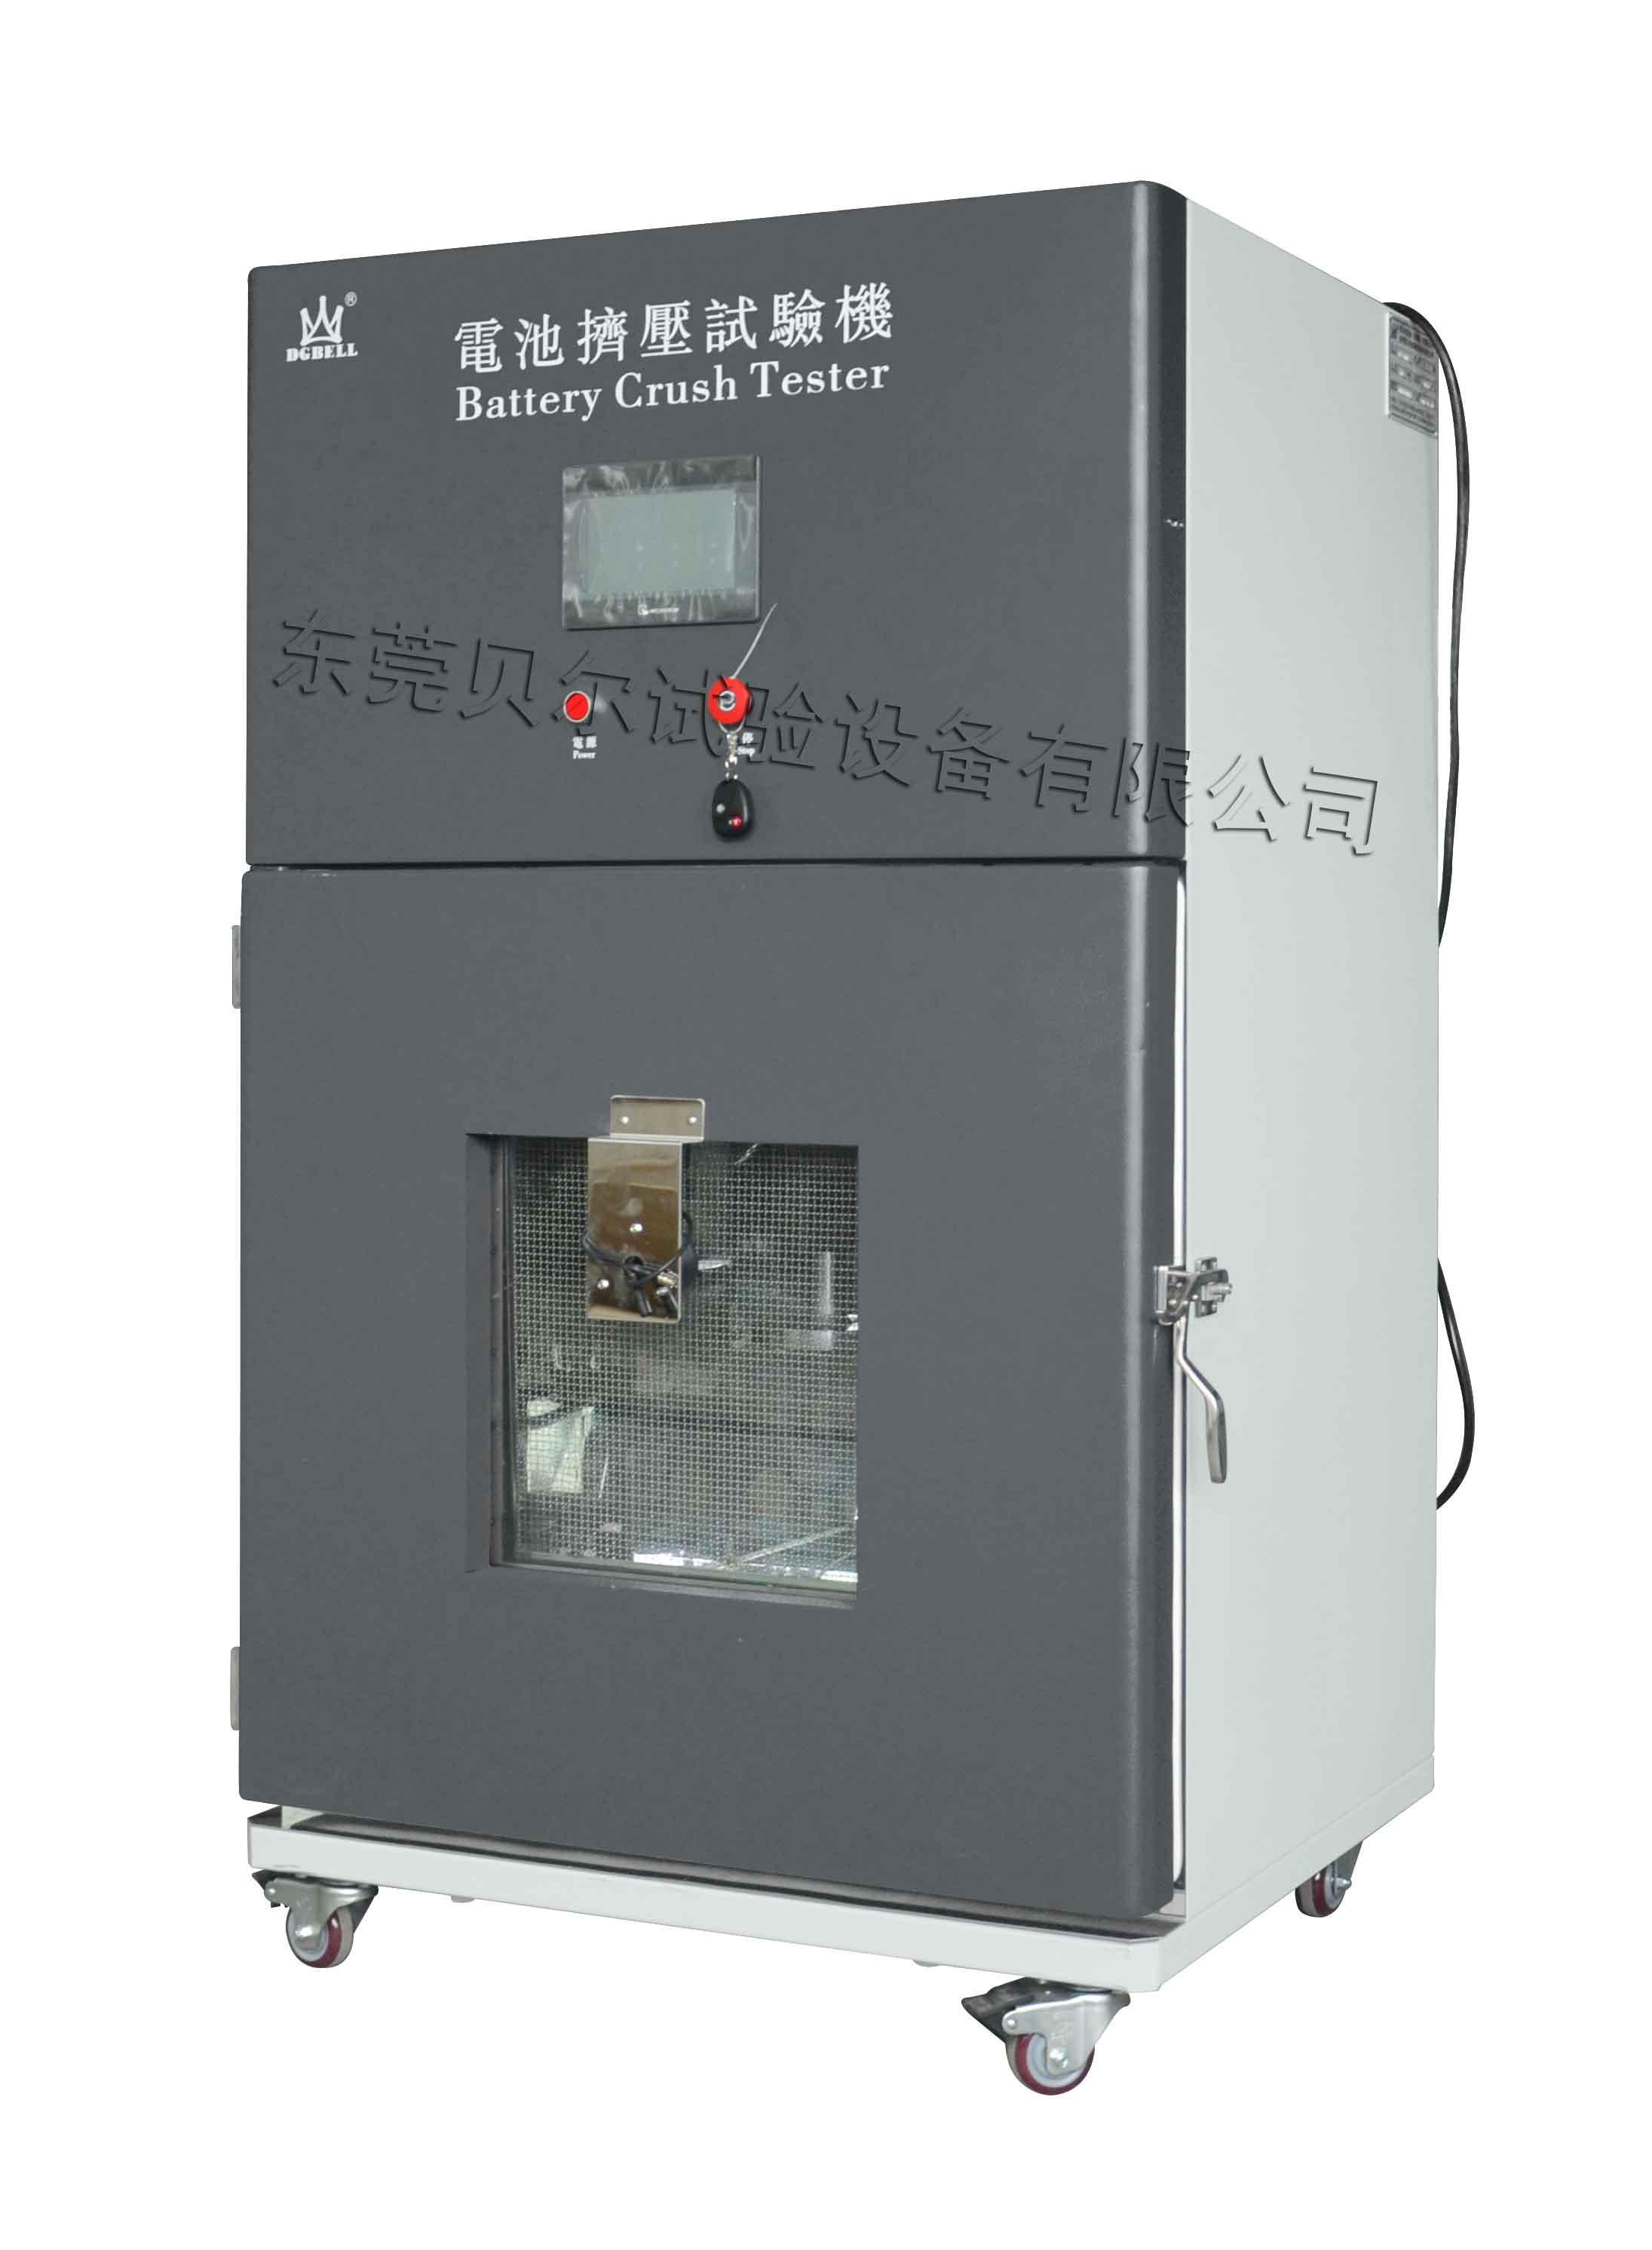 东莞贝尔试验设备厂家直销电池挤压试验机